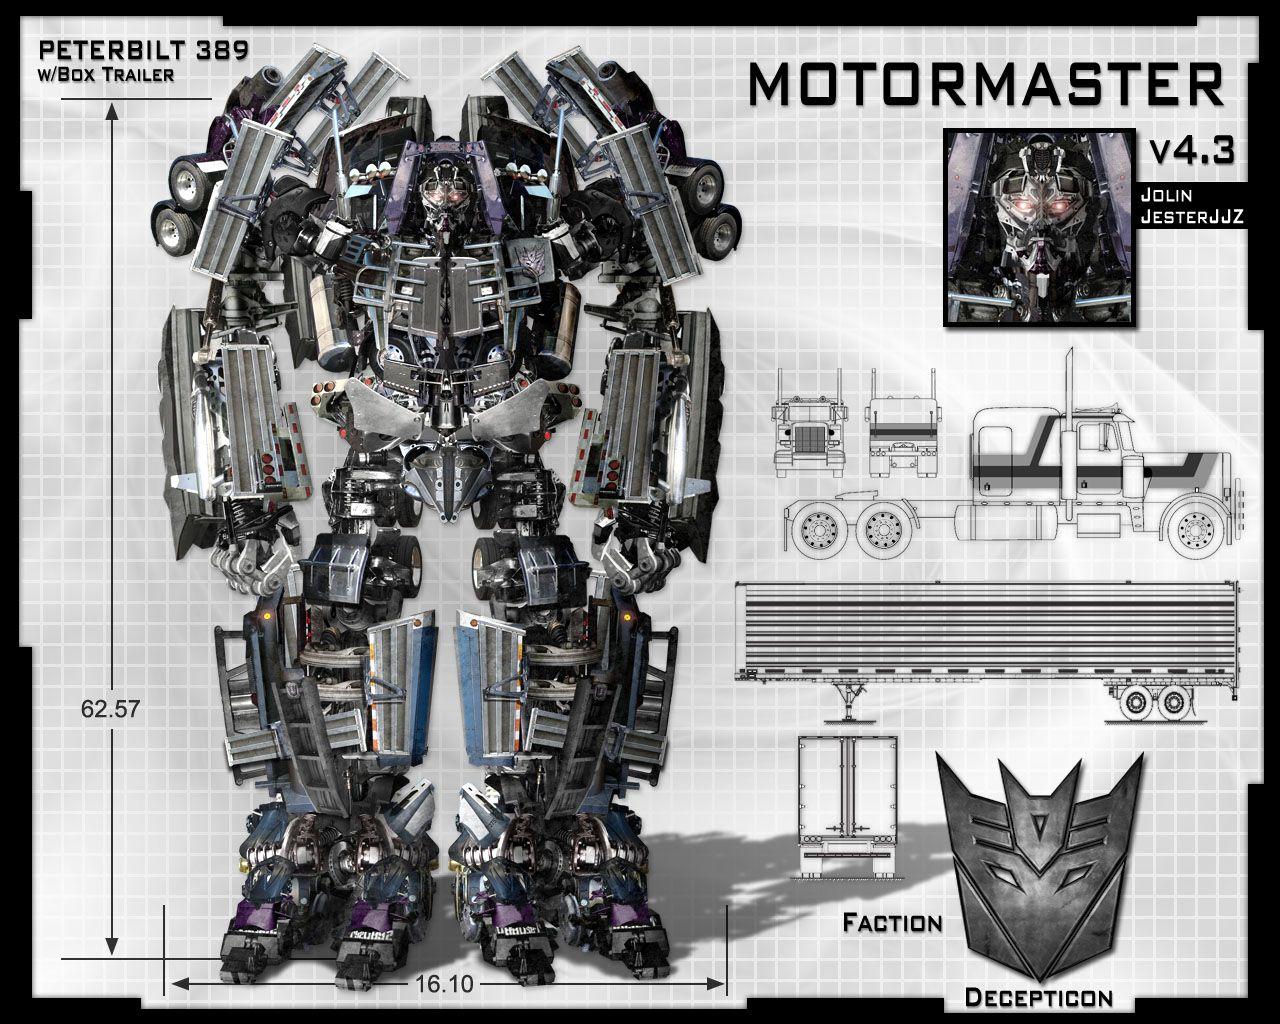 Motortmaster - Transformers